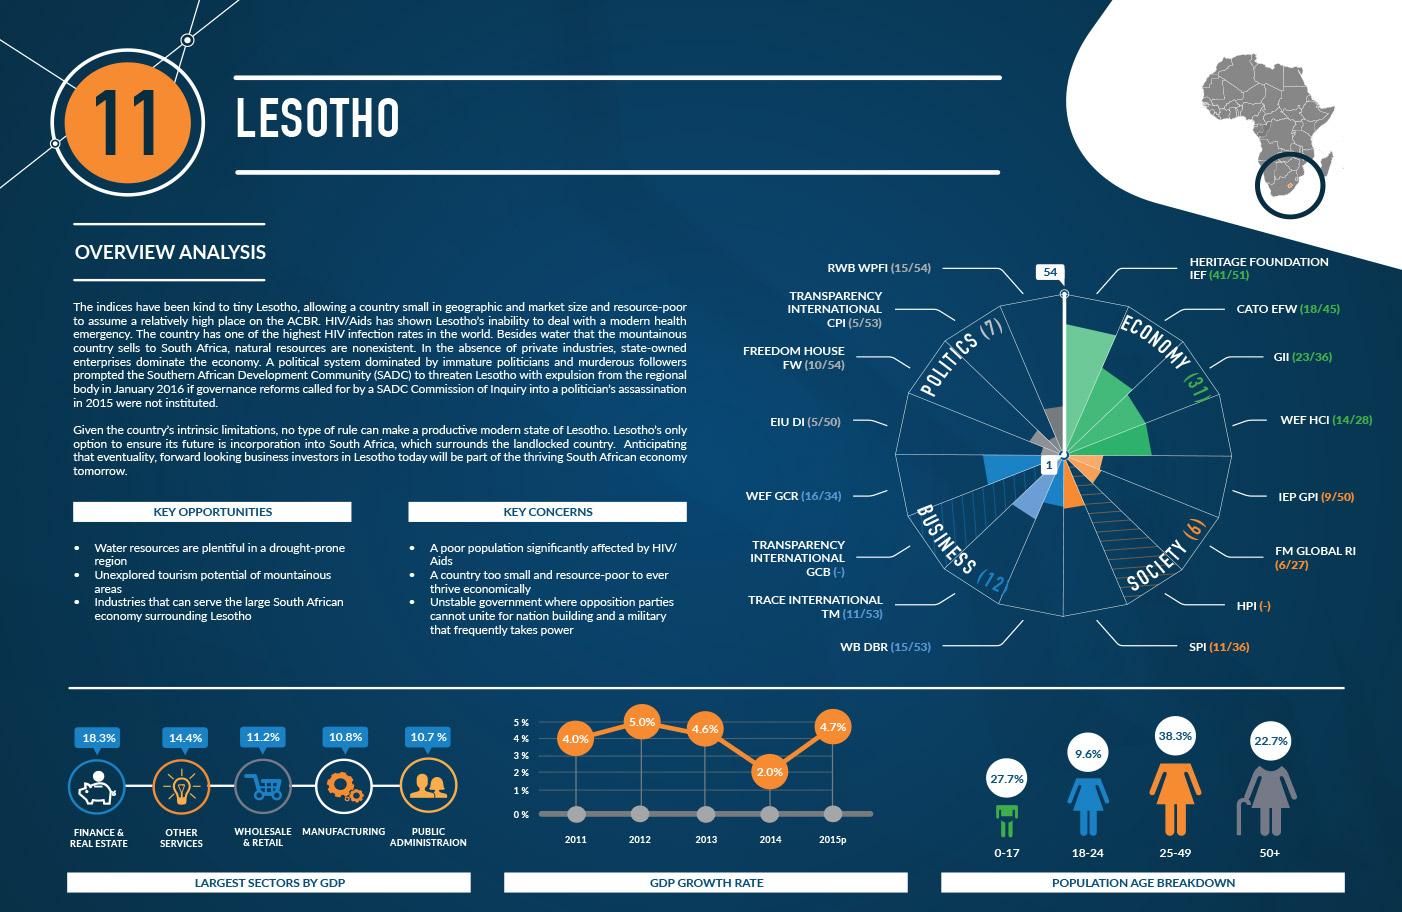 11-lesotho-1